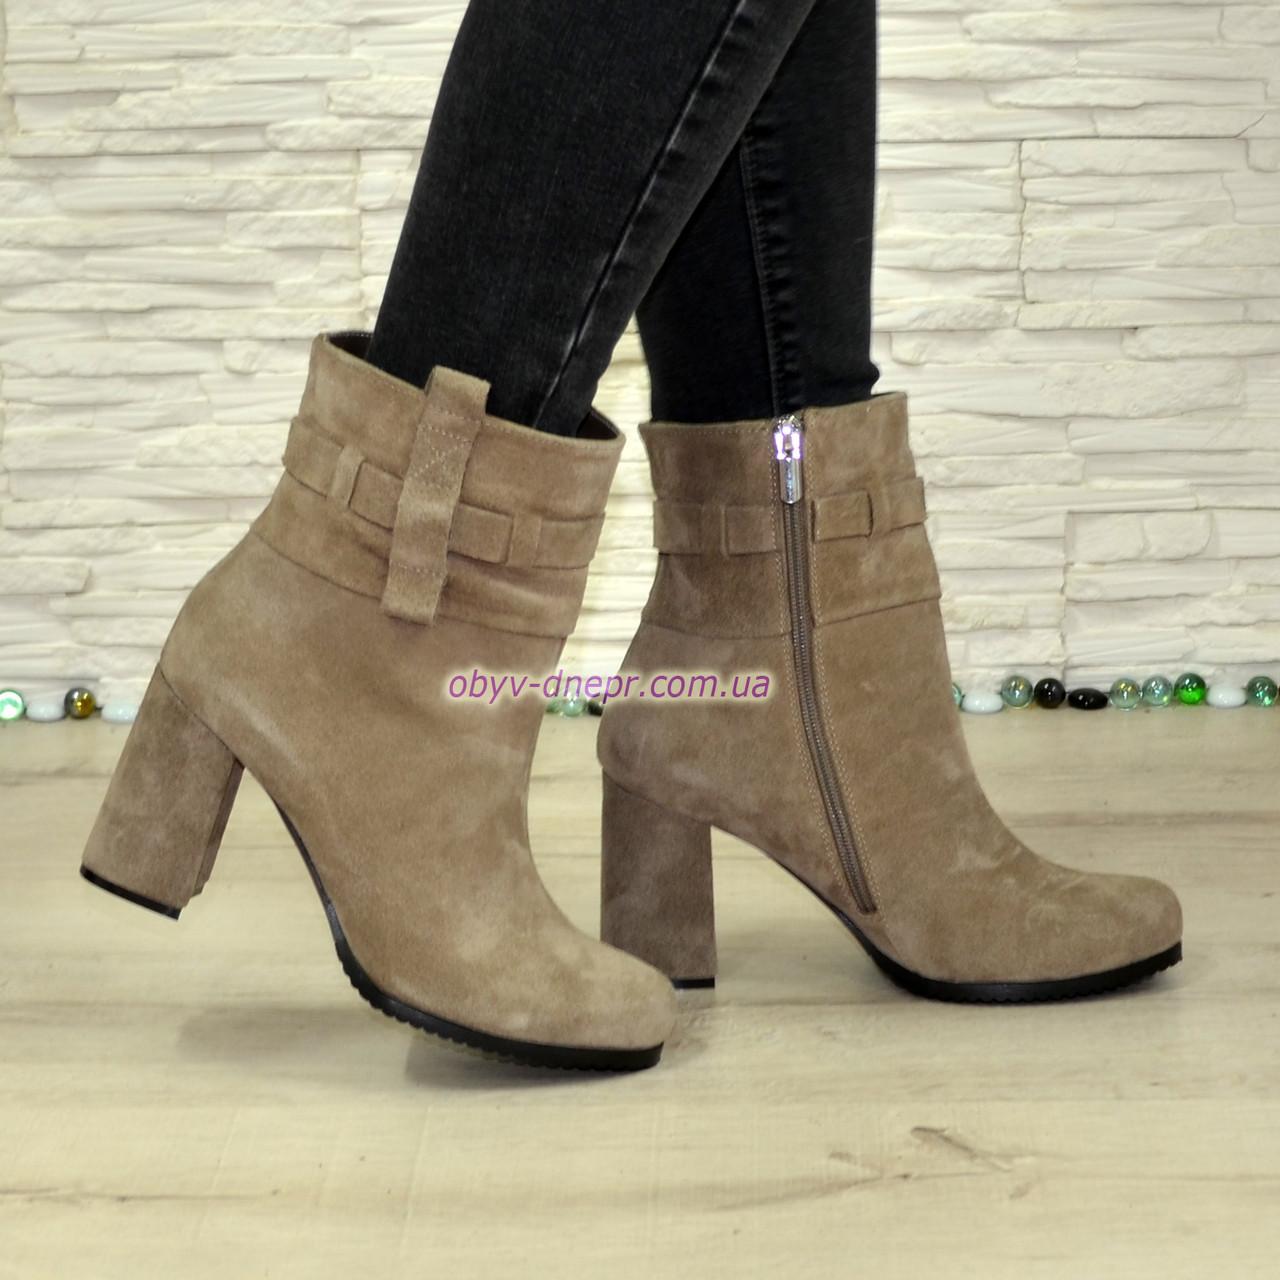 0ca15181c569 Ботинки зимние замшевые на высоком устойчивом каблуке, цвет бежевый:  продажа, ...